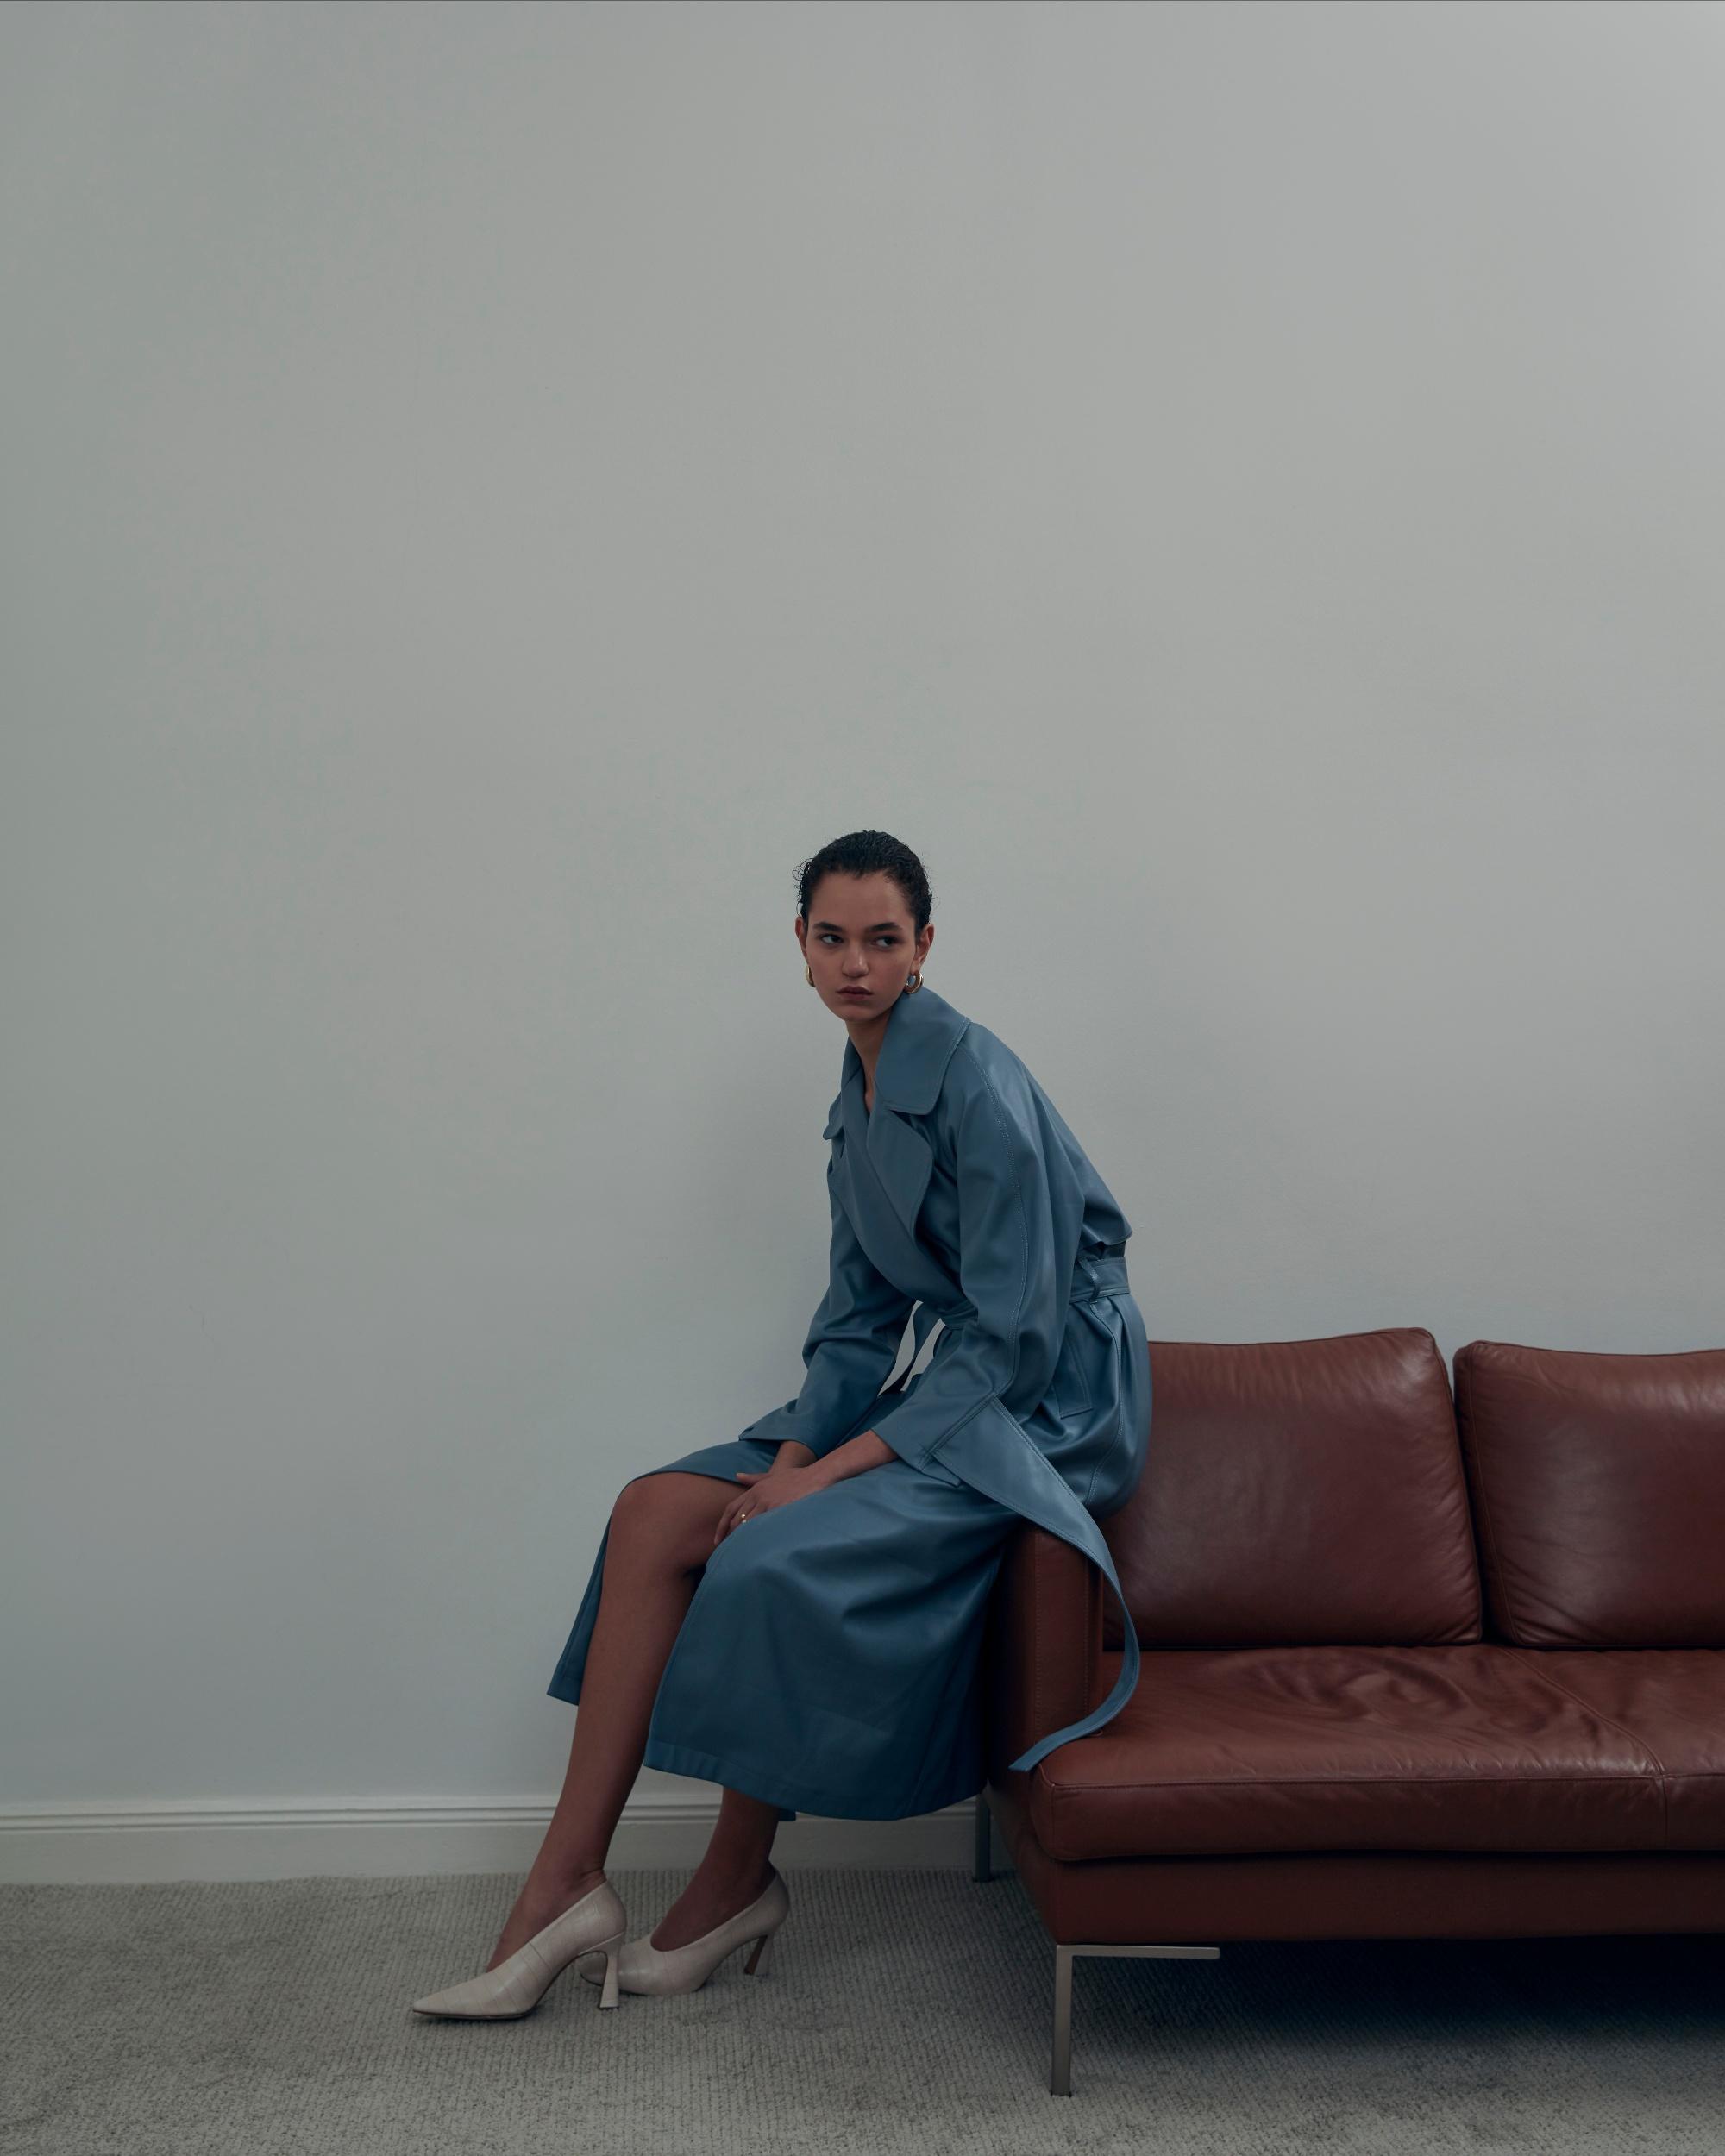 Яркие жилеты в духе 70-х, корсеты и брючные костюмы в новой коллекции Olēnich